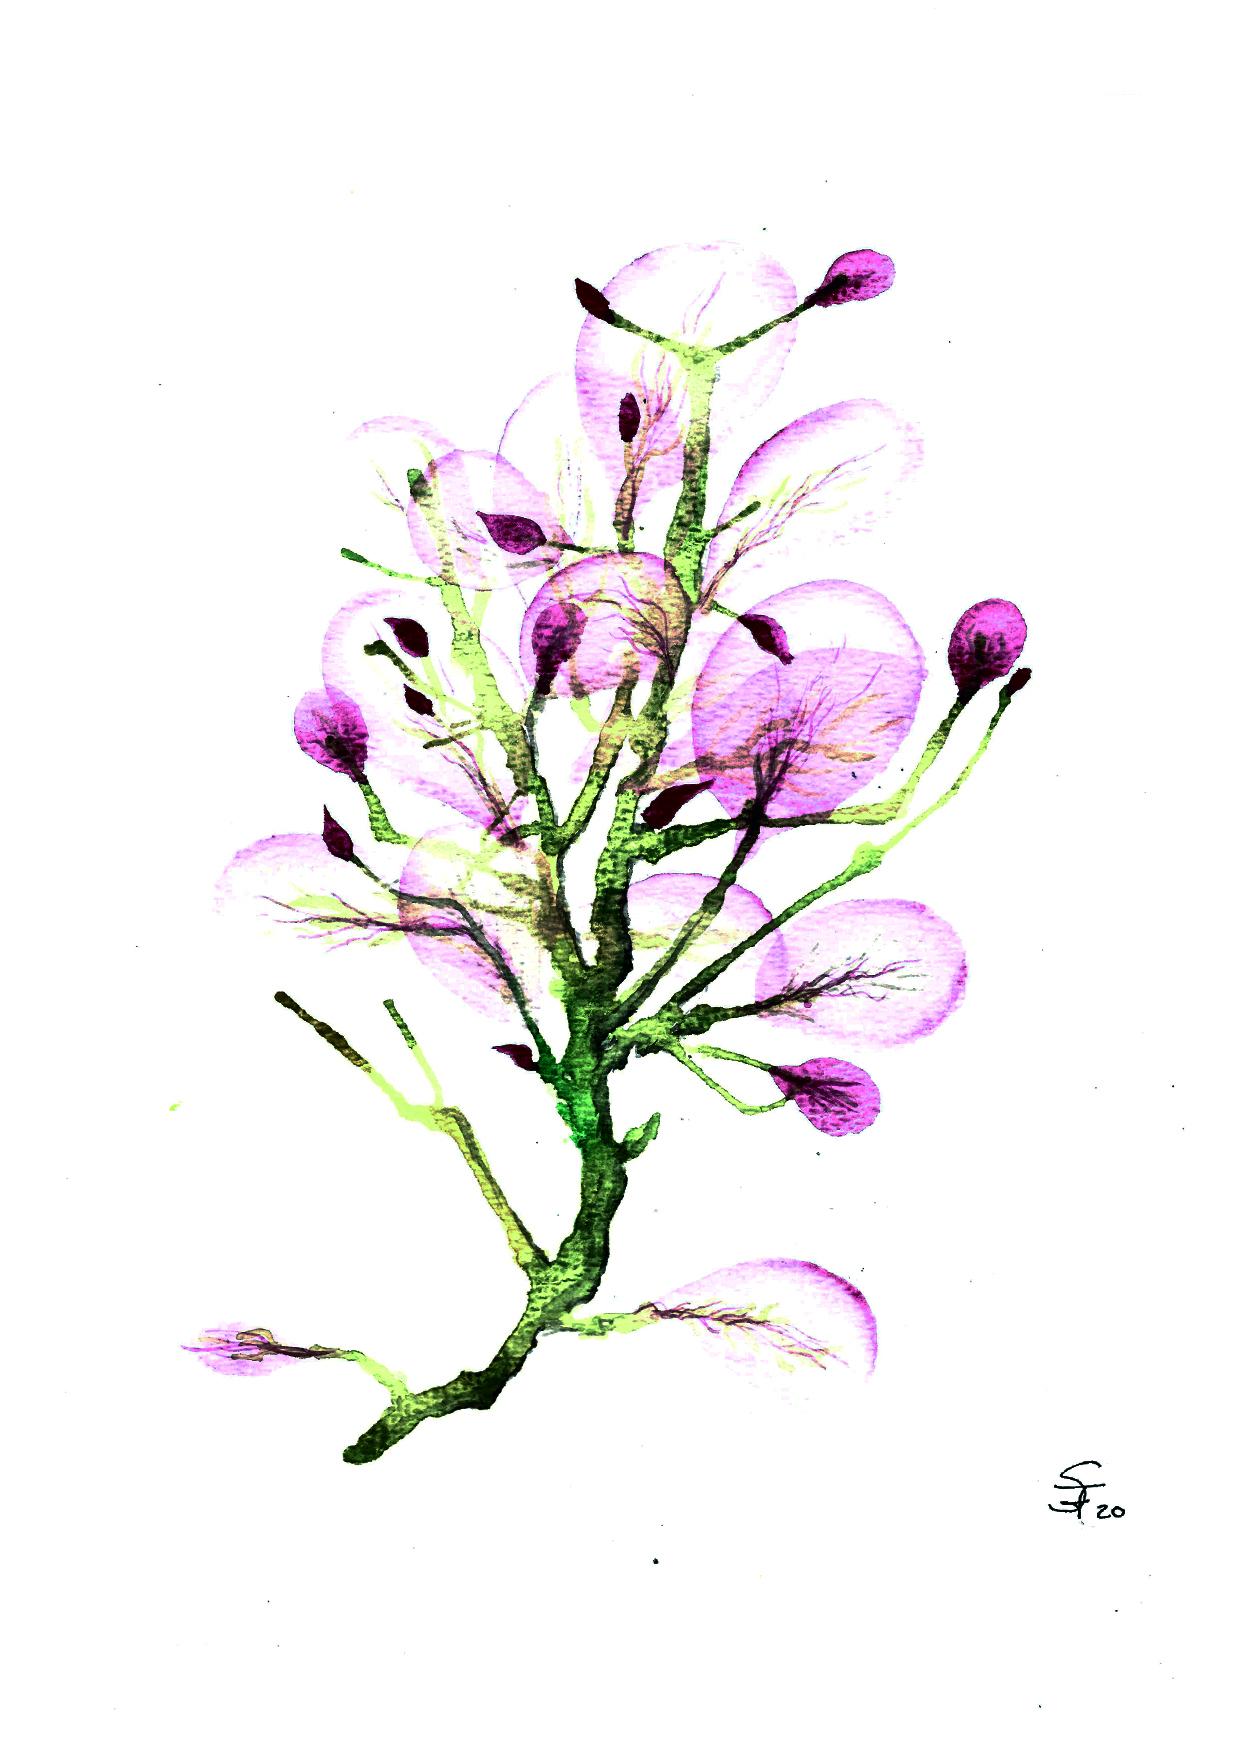 Aquarell rosa Blüten 03/20